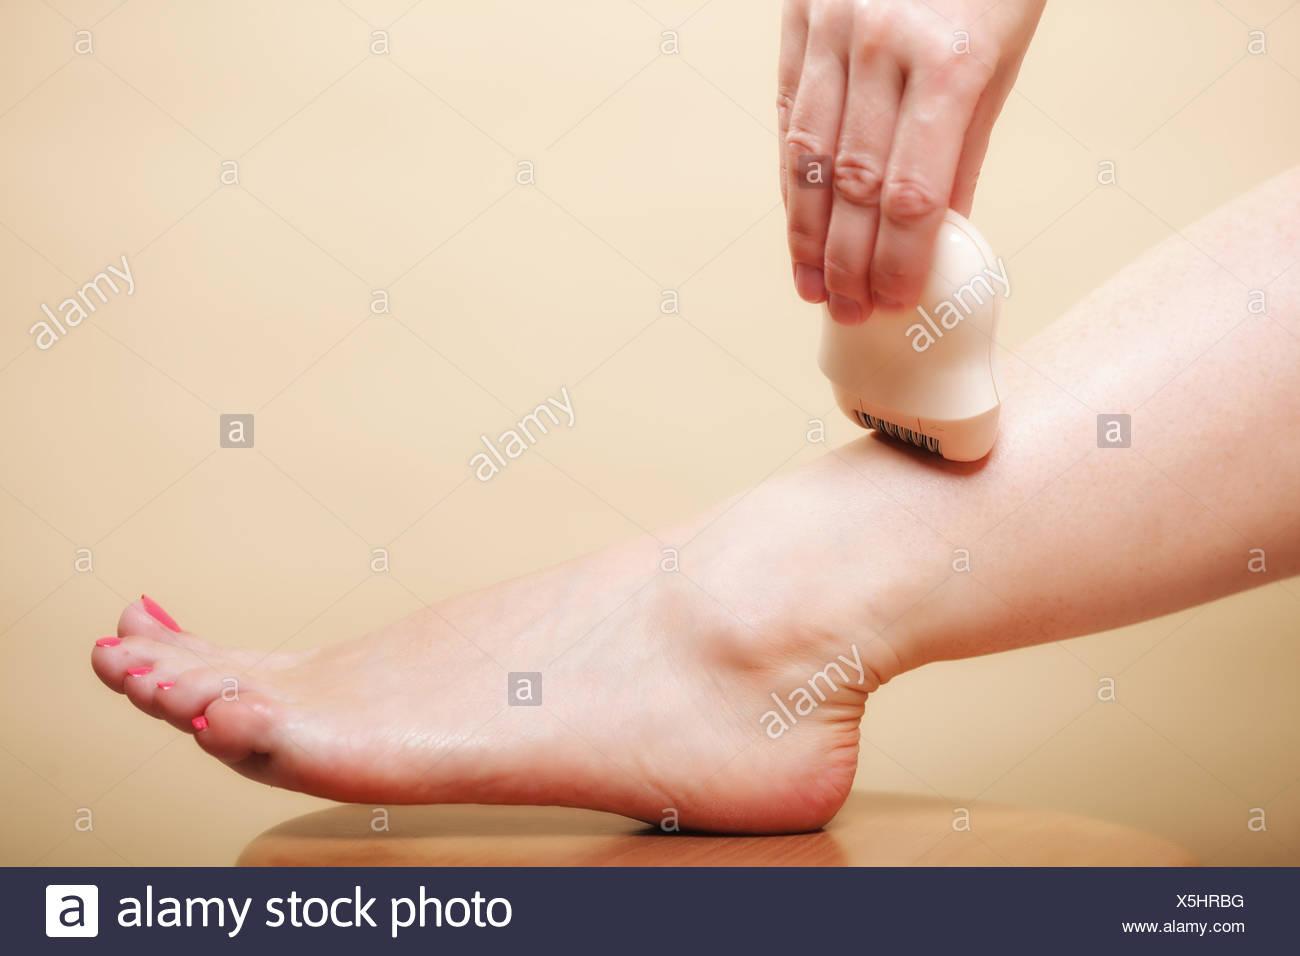 Mujer afeitarse las piernas con cuidado corporal depilacion afeitadora  Imagen De Stock 1a573f2f87f0